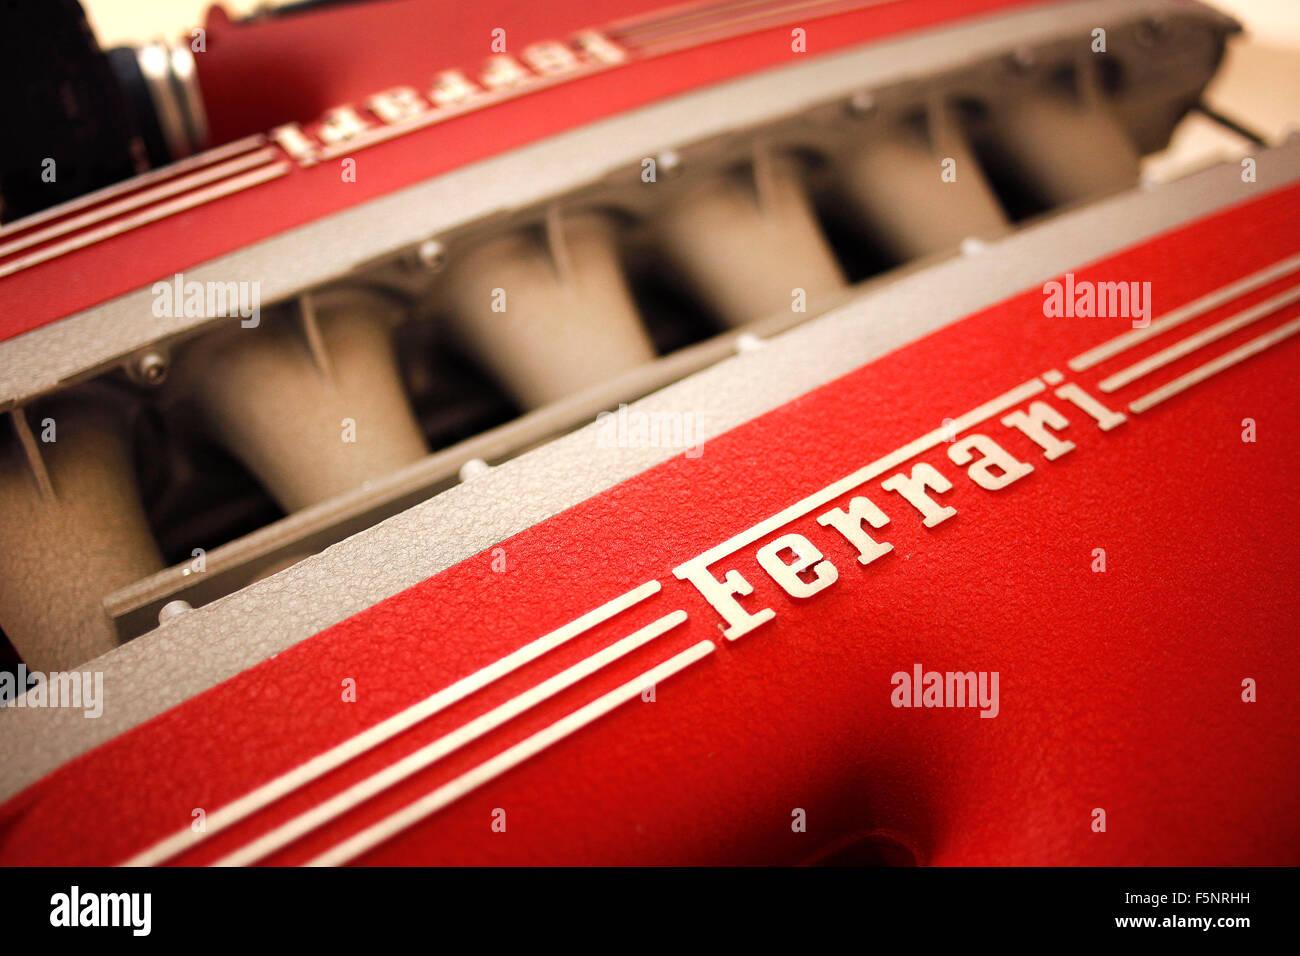 F140 Motore FC in mostra presso il Museo Ferrari a Maranello, Italia. Immagini Stock